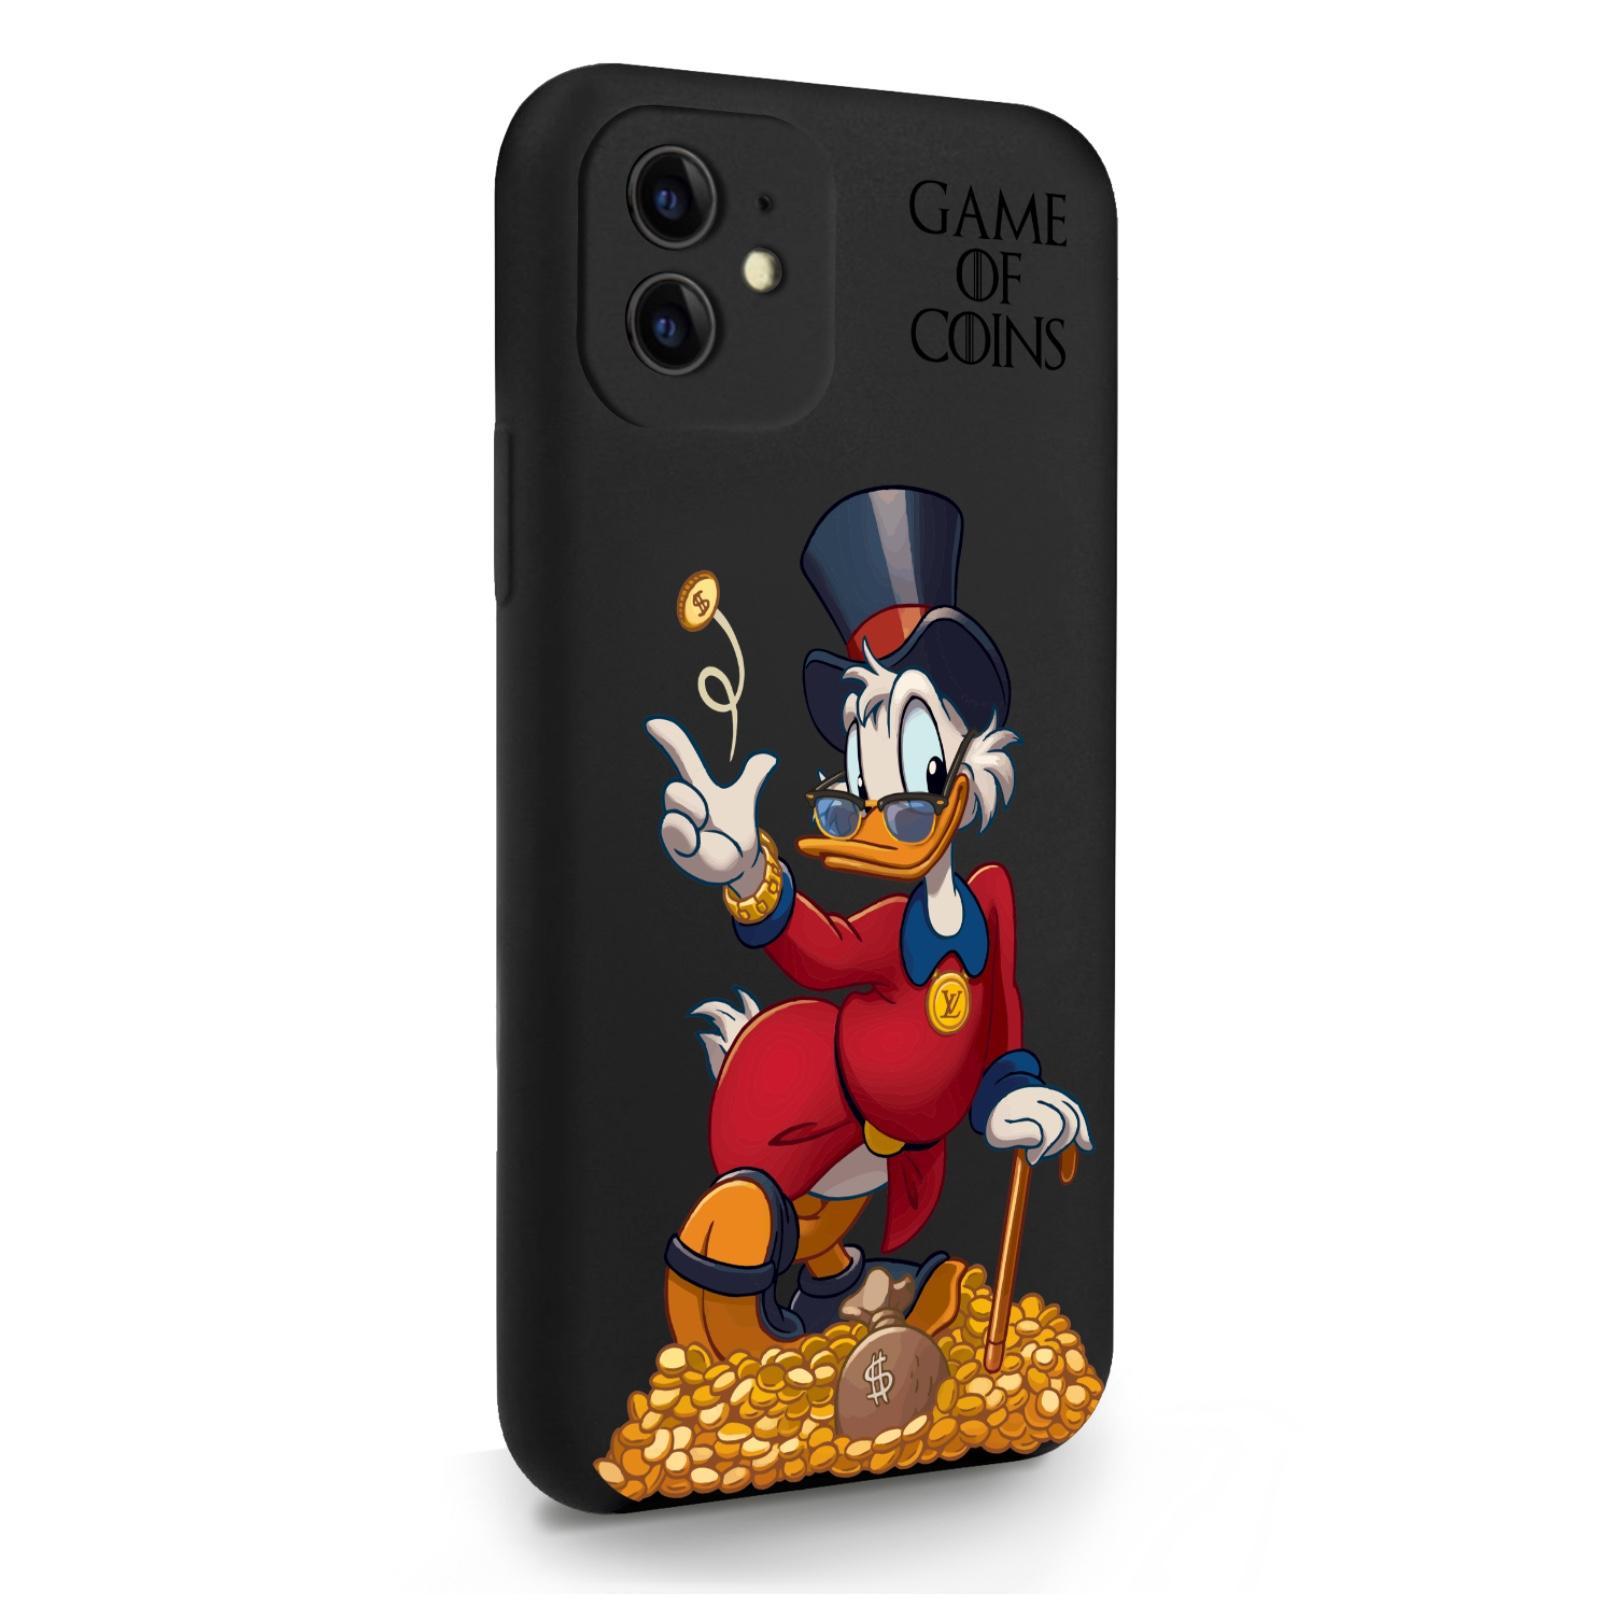 Черный силиконовый чехол для iPhone 11 Богатая Утка Игра монет для Айфон 11